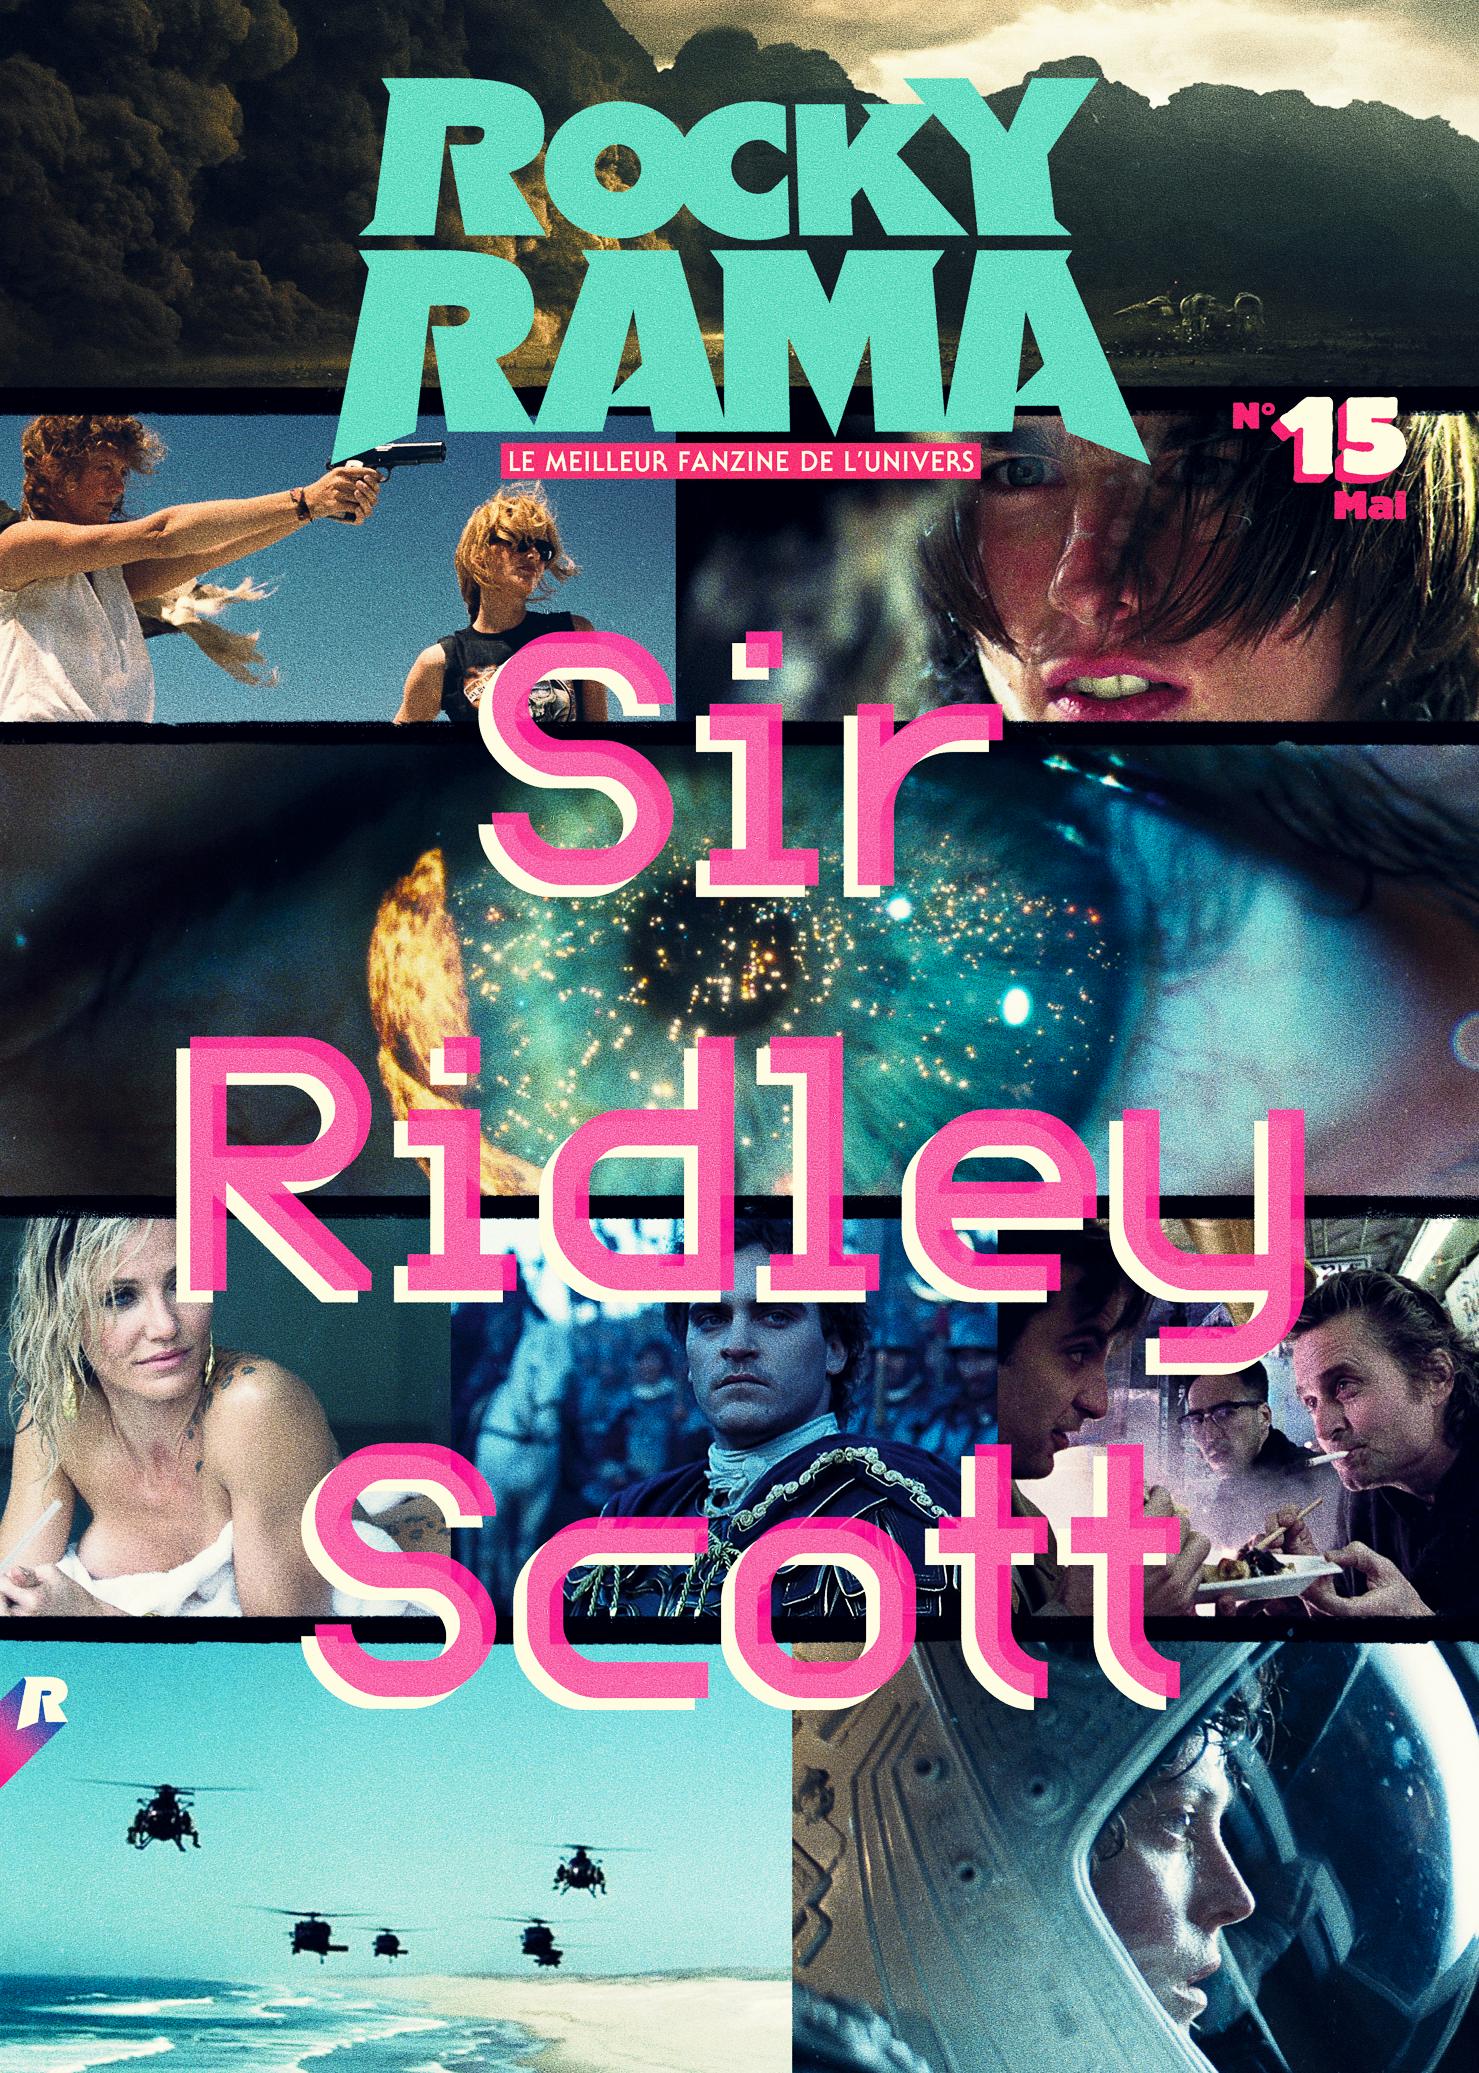 ridley-scott-a-lhonneur-du-nouveau-numero-de-rockyrama